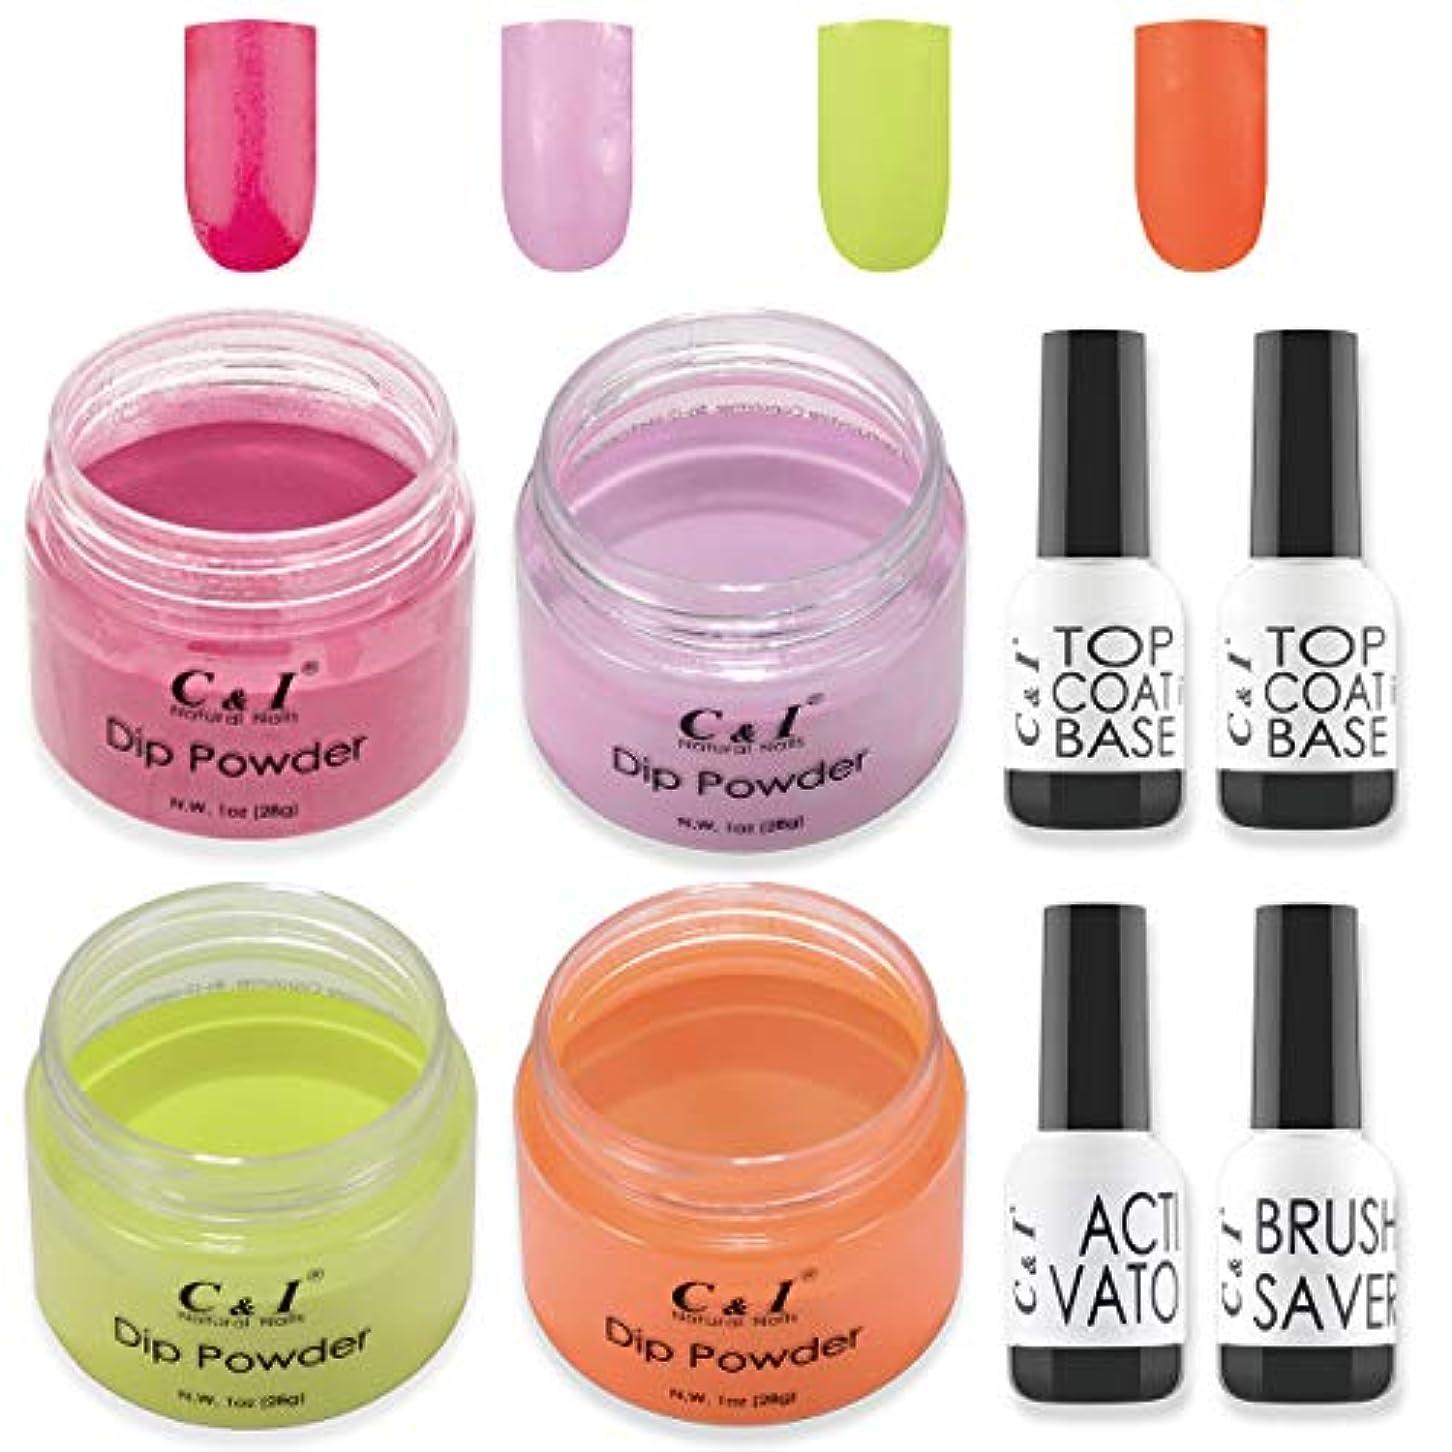 導入するオーブン怠惰C & I Dip Powder Nail Colors & Liquids Set, 4 colors and 4 liquids, Gel Nail Effect Colors, N.W. 28 g * 4 pcs...